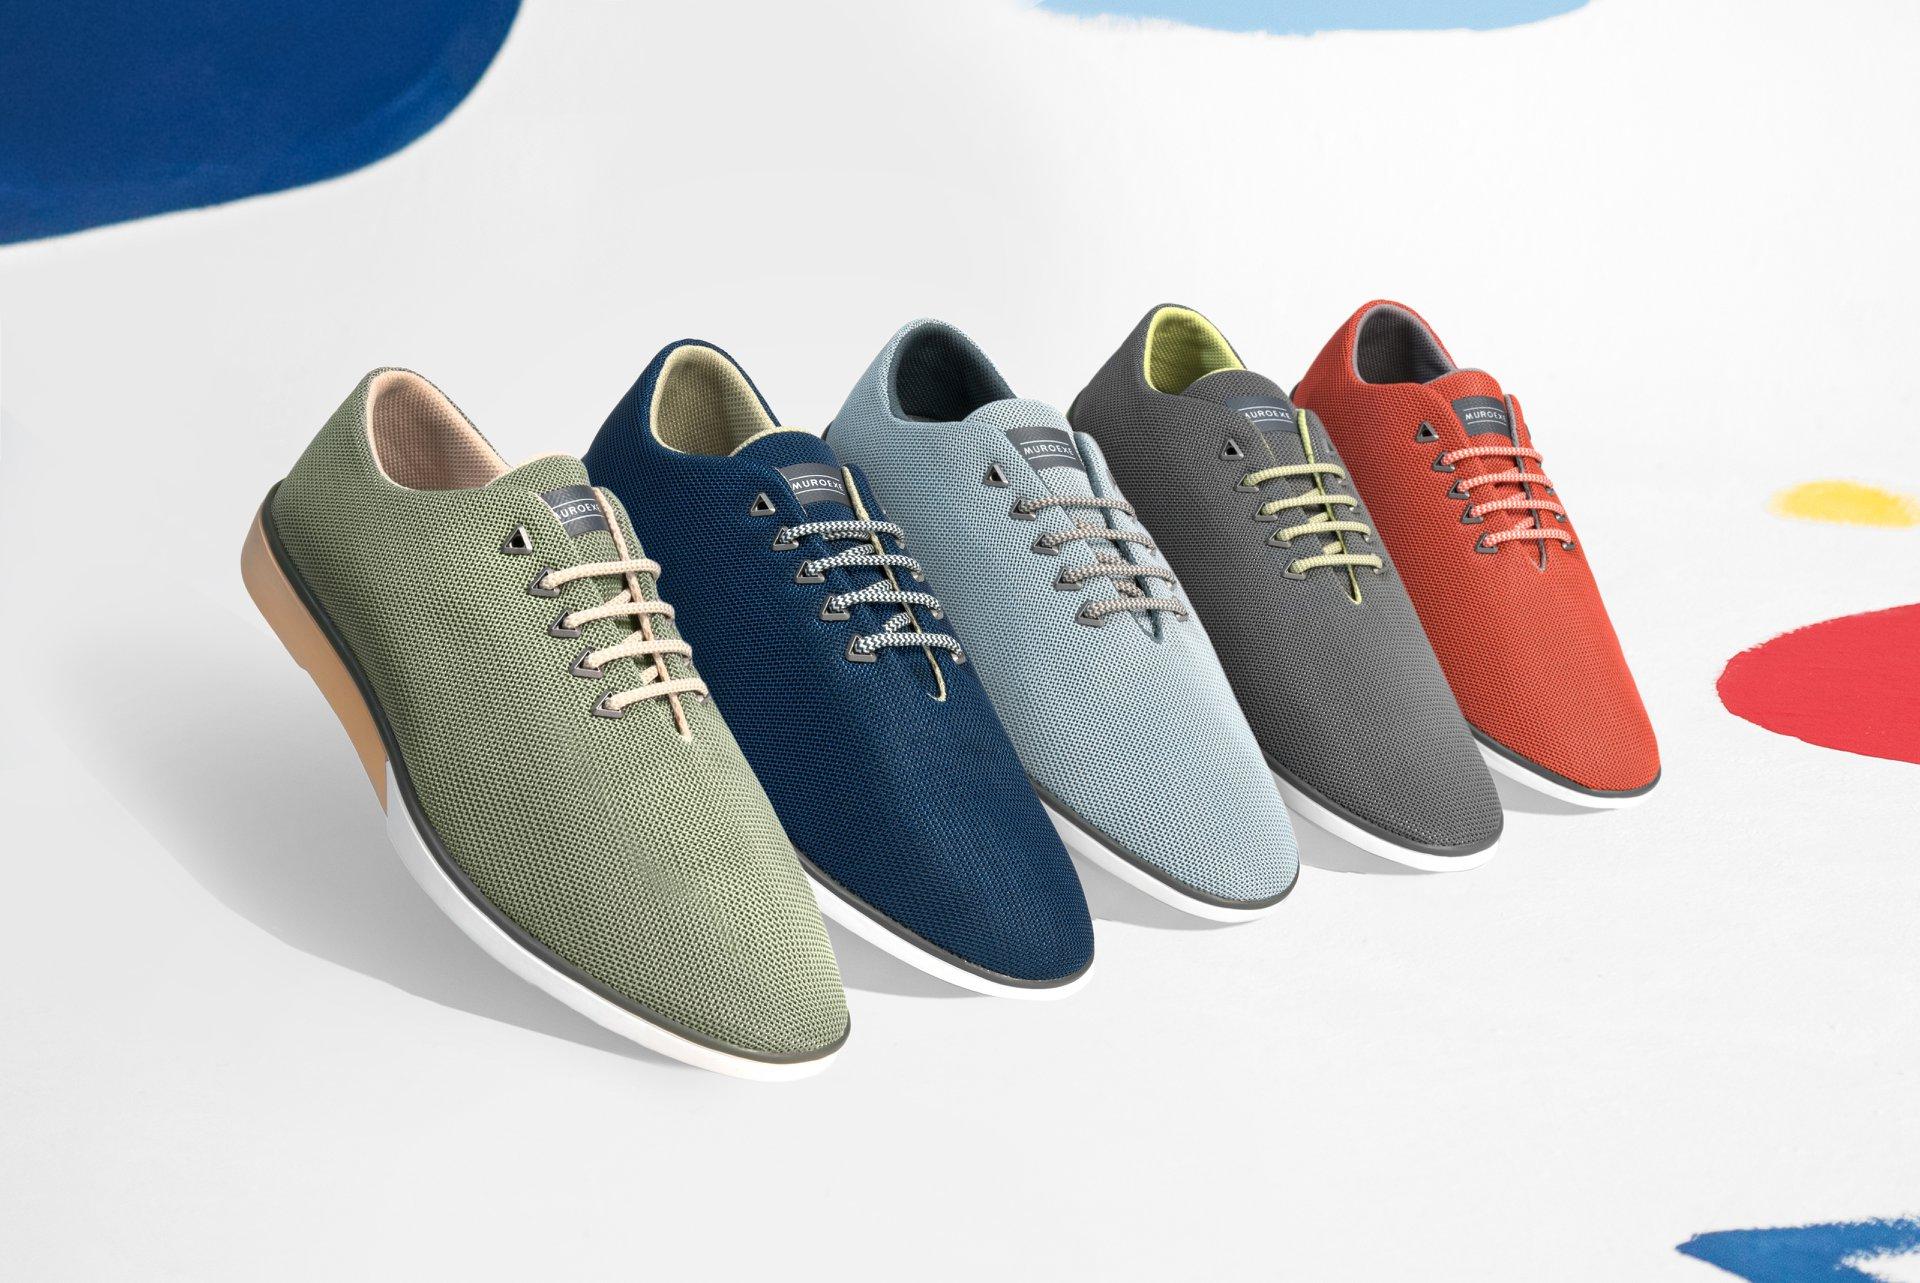 Clientes y diseñadores participan en el diseño de los zapatos. Foto: Muroexe.